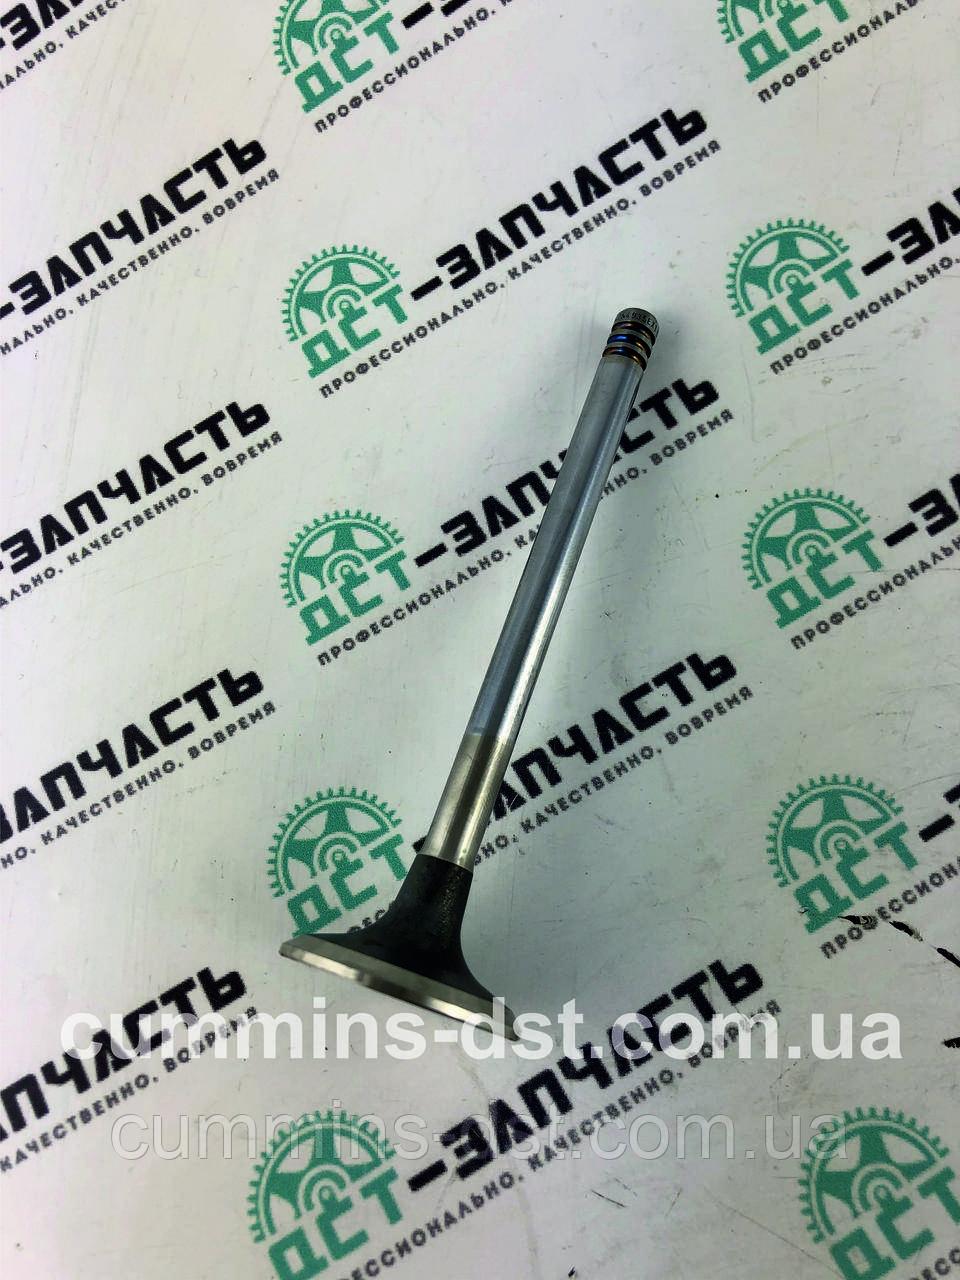 Клапан выпускной на двигатель Deutz BF4L2012, BF6L2012 04254935